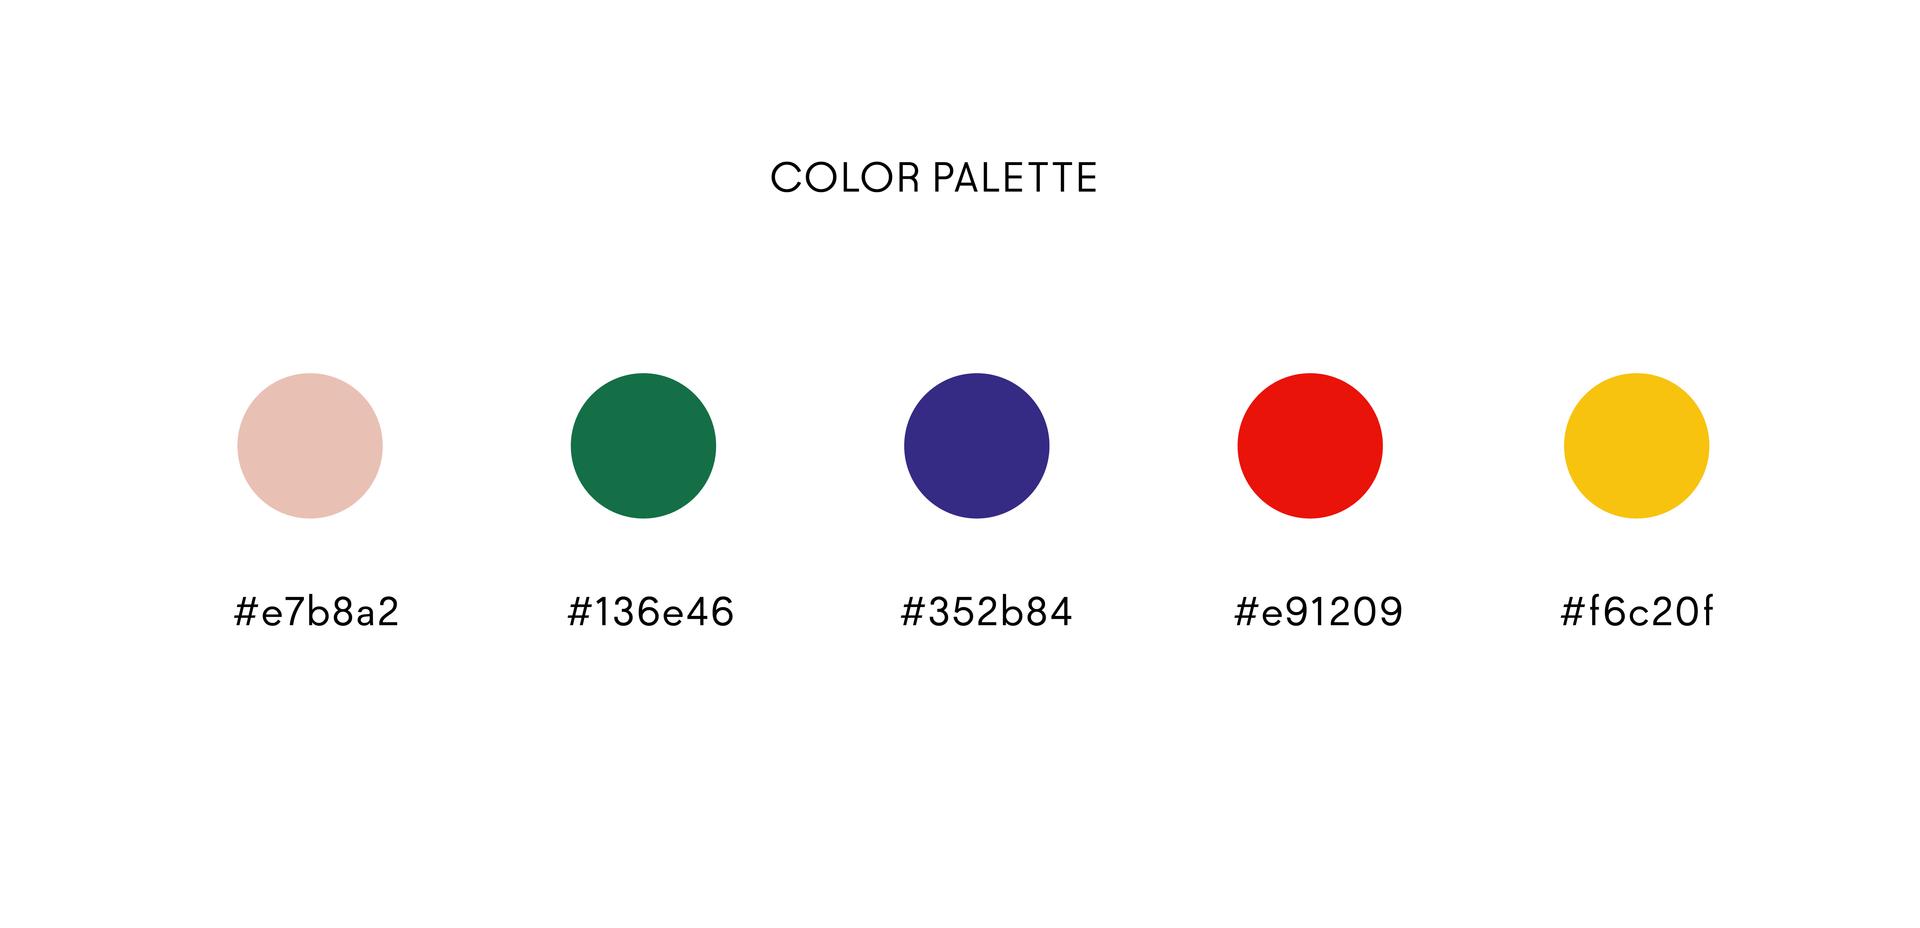 Frosta_HelenaRavenne-Colorpalette-01.png